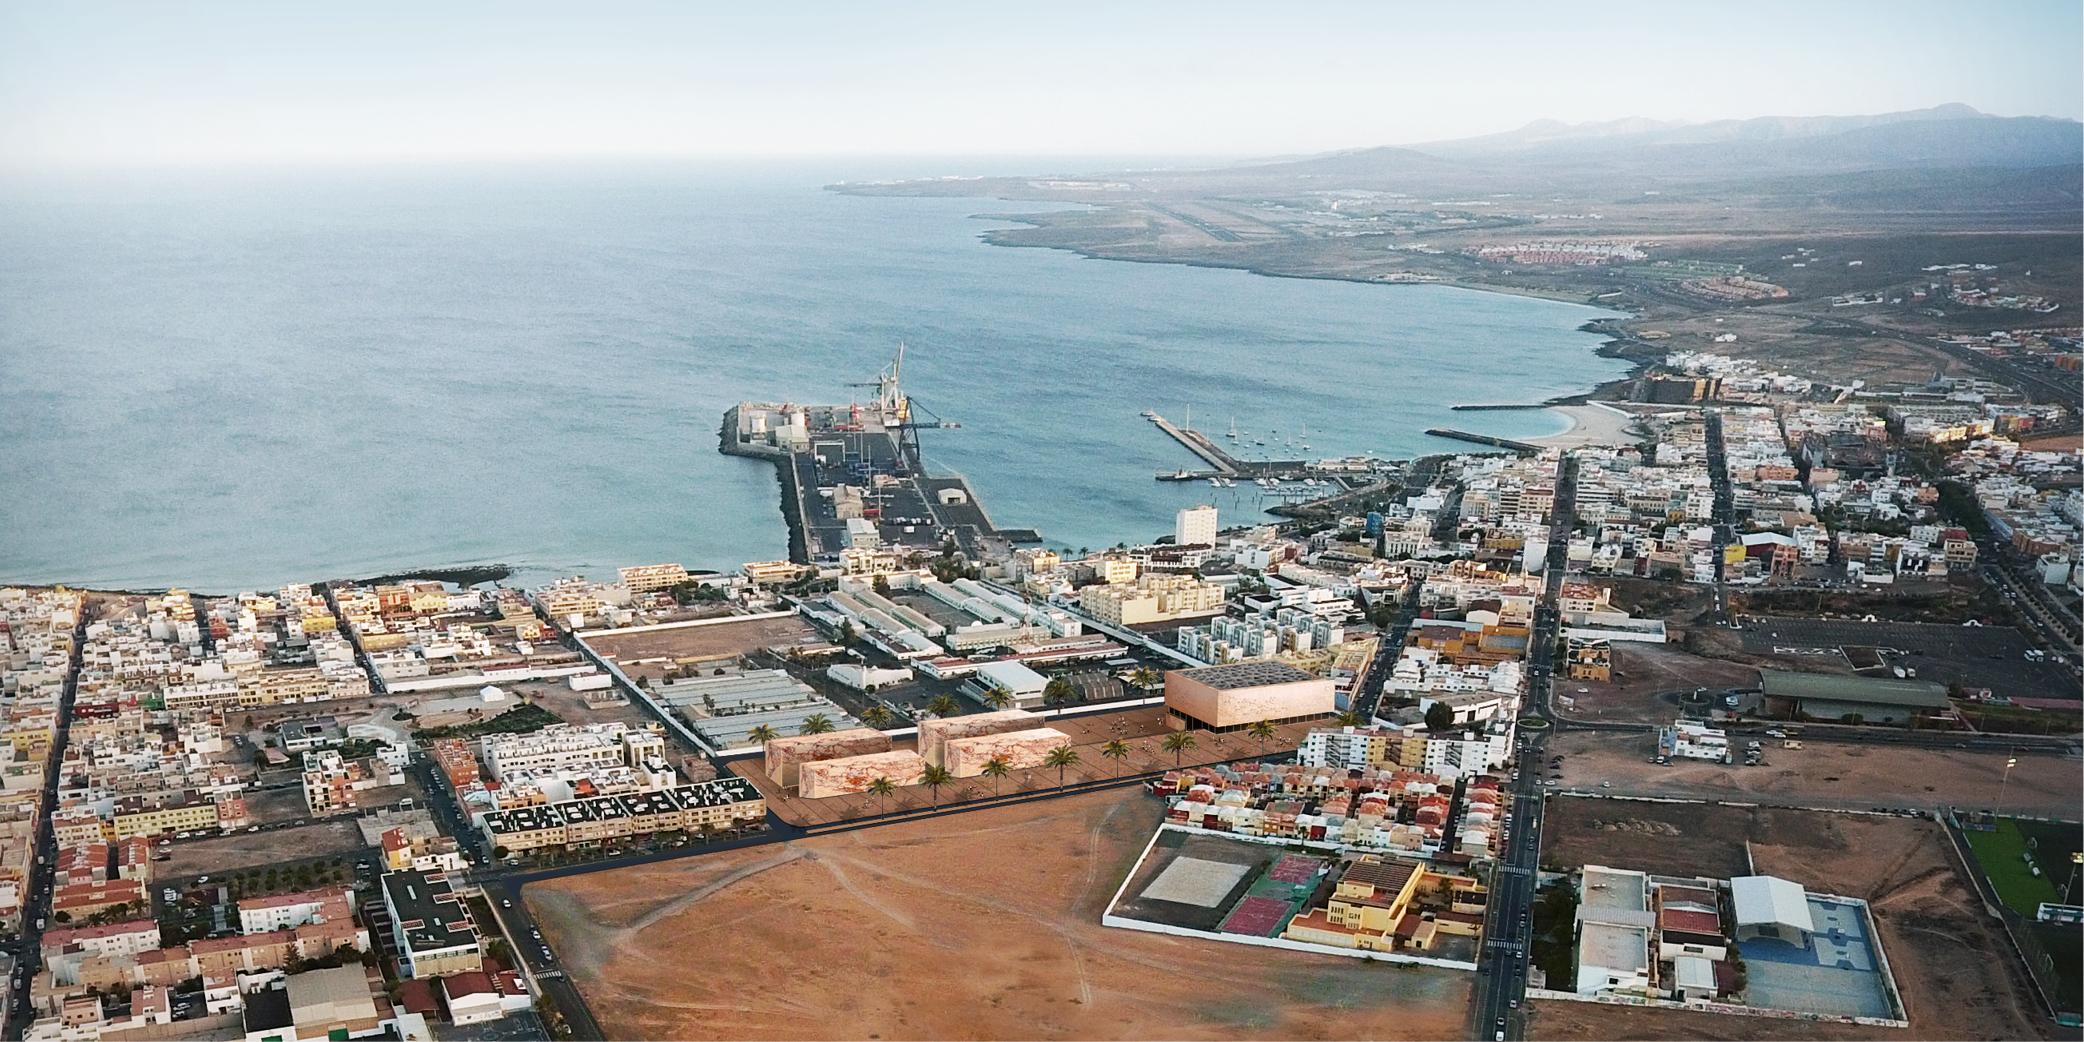 Concurso Juzgados Fuerteventura Puerto del Rosario OCA architects Barcelona8